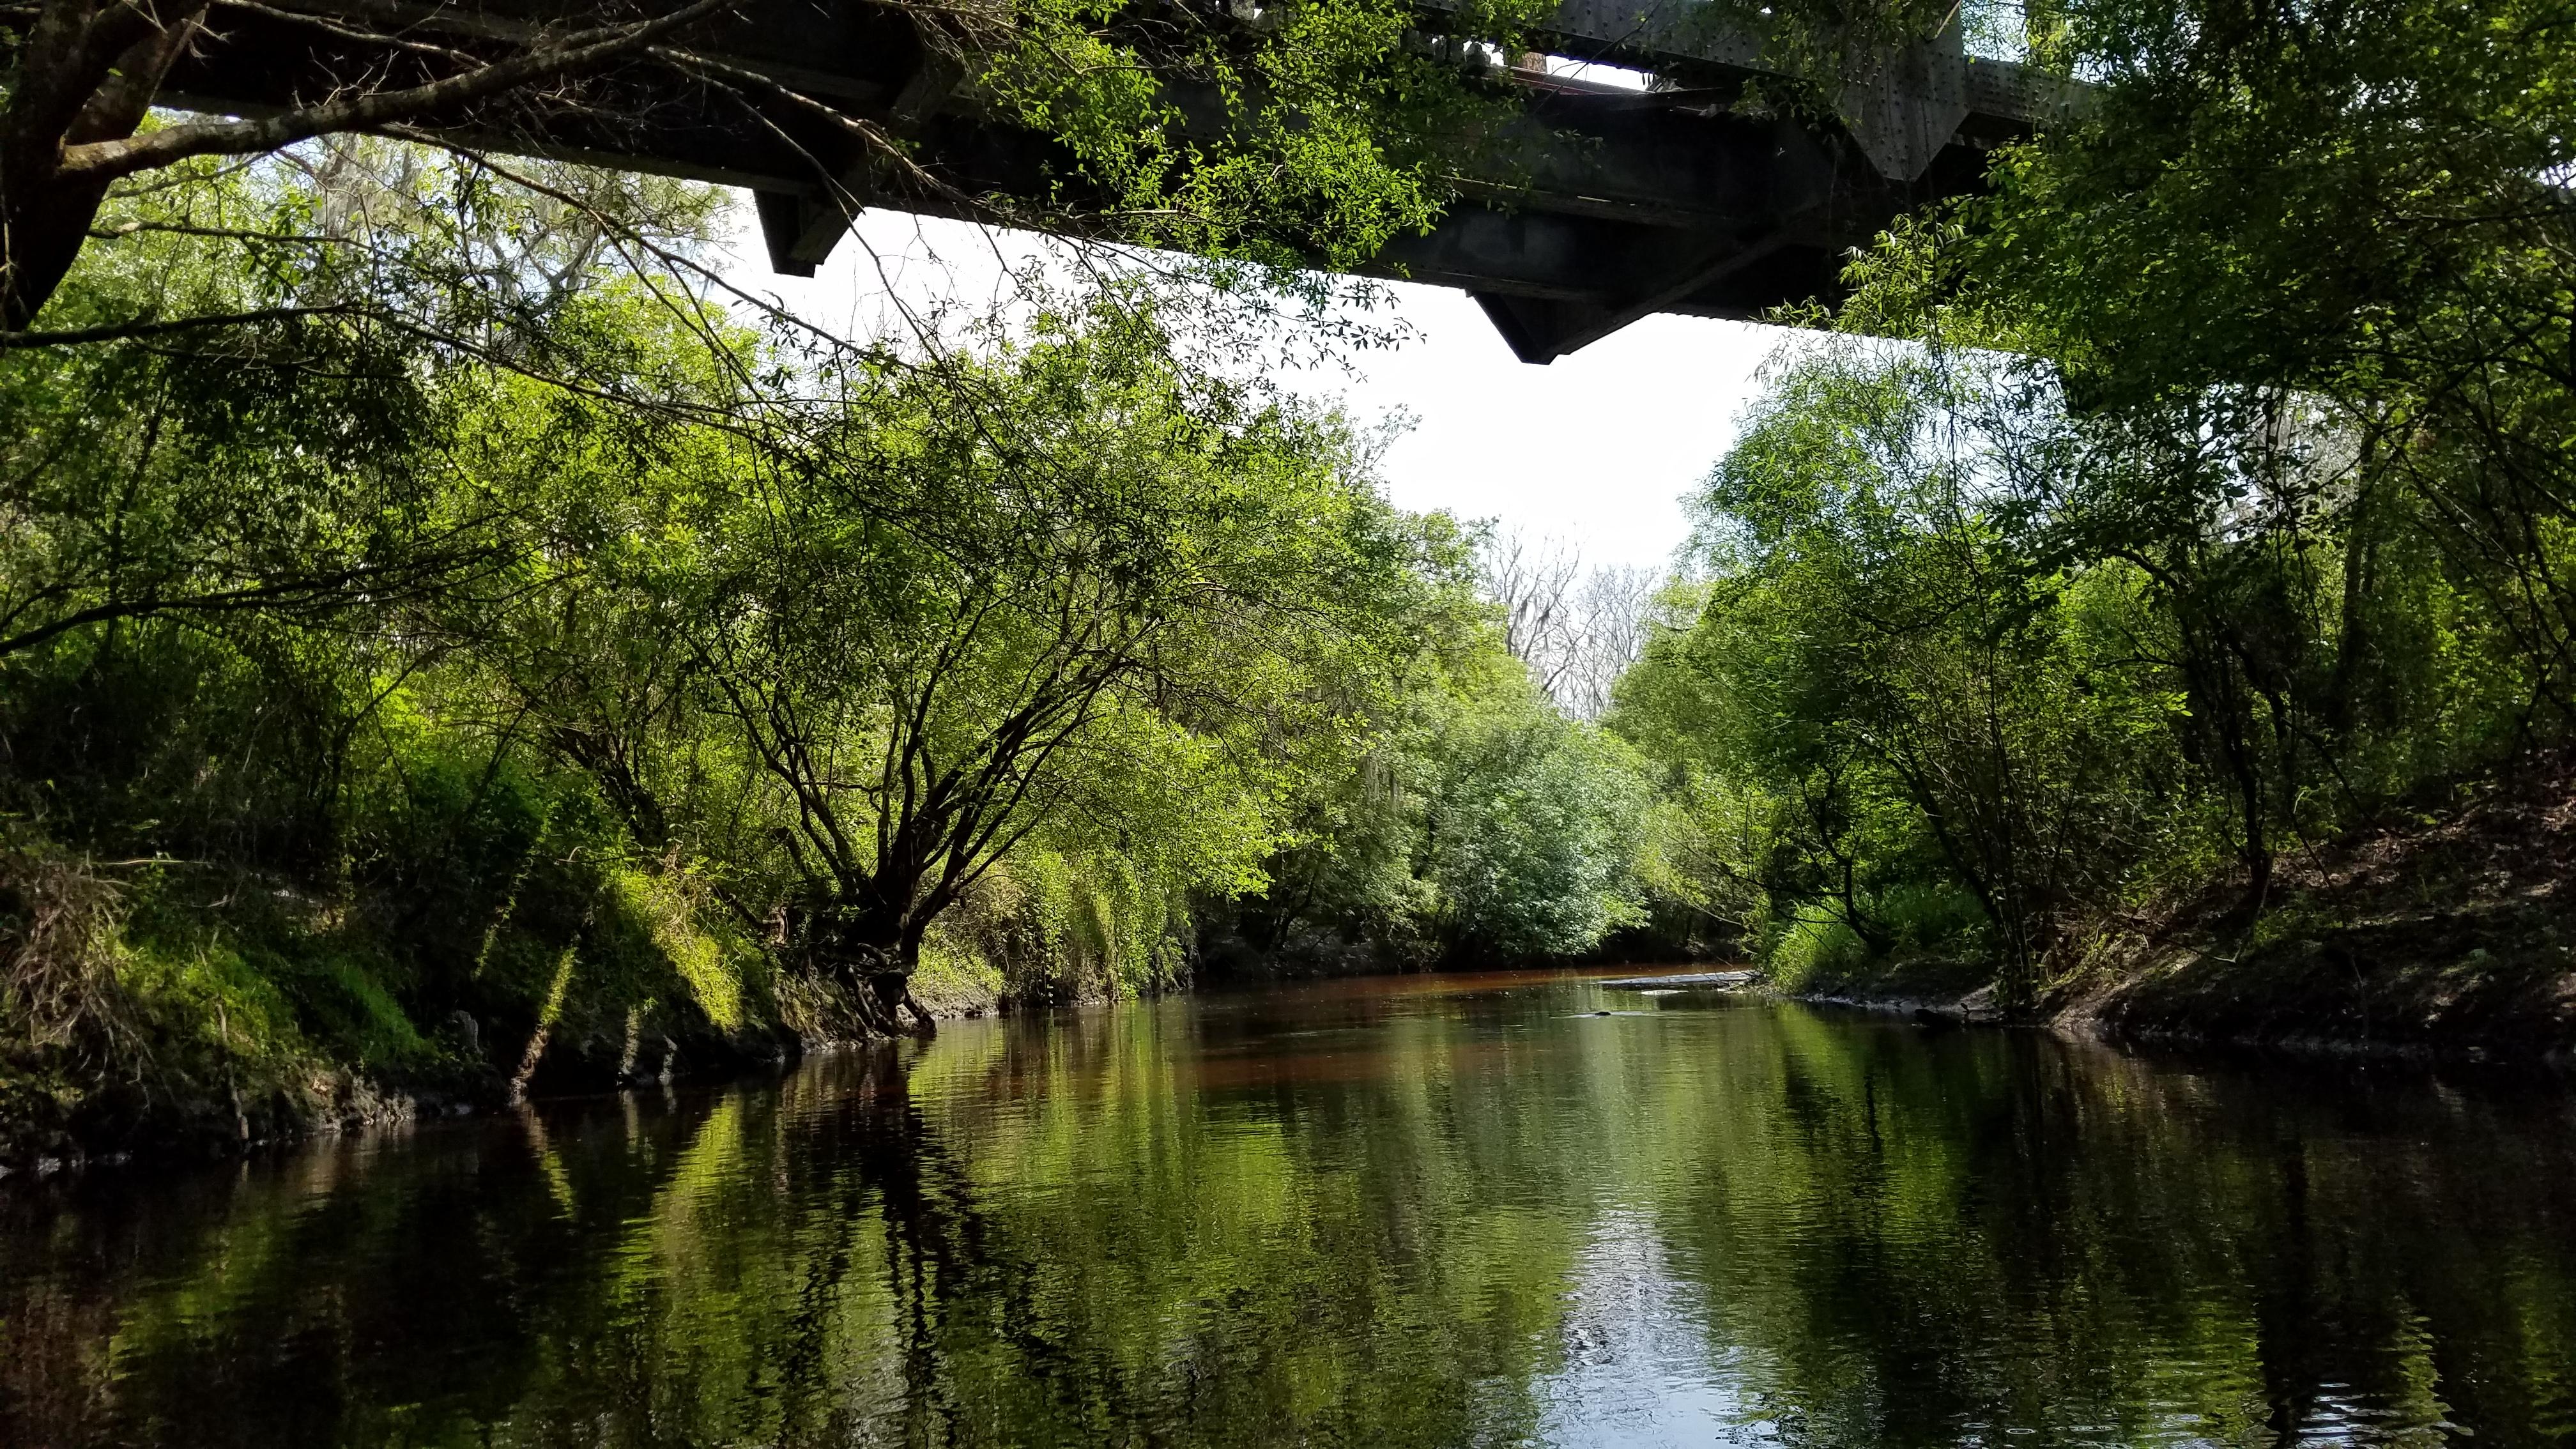 Little Manatee River near Waimauma. By Seán Kinane (Apr. 2016).